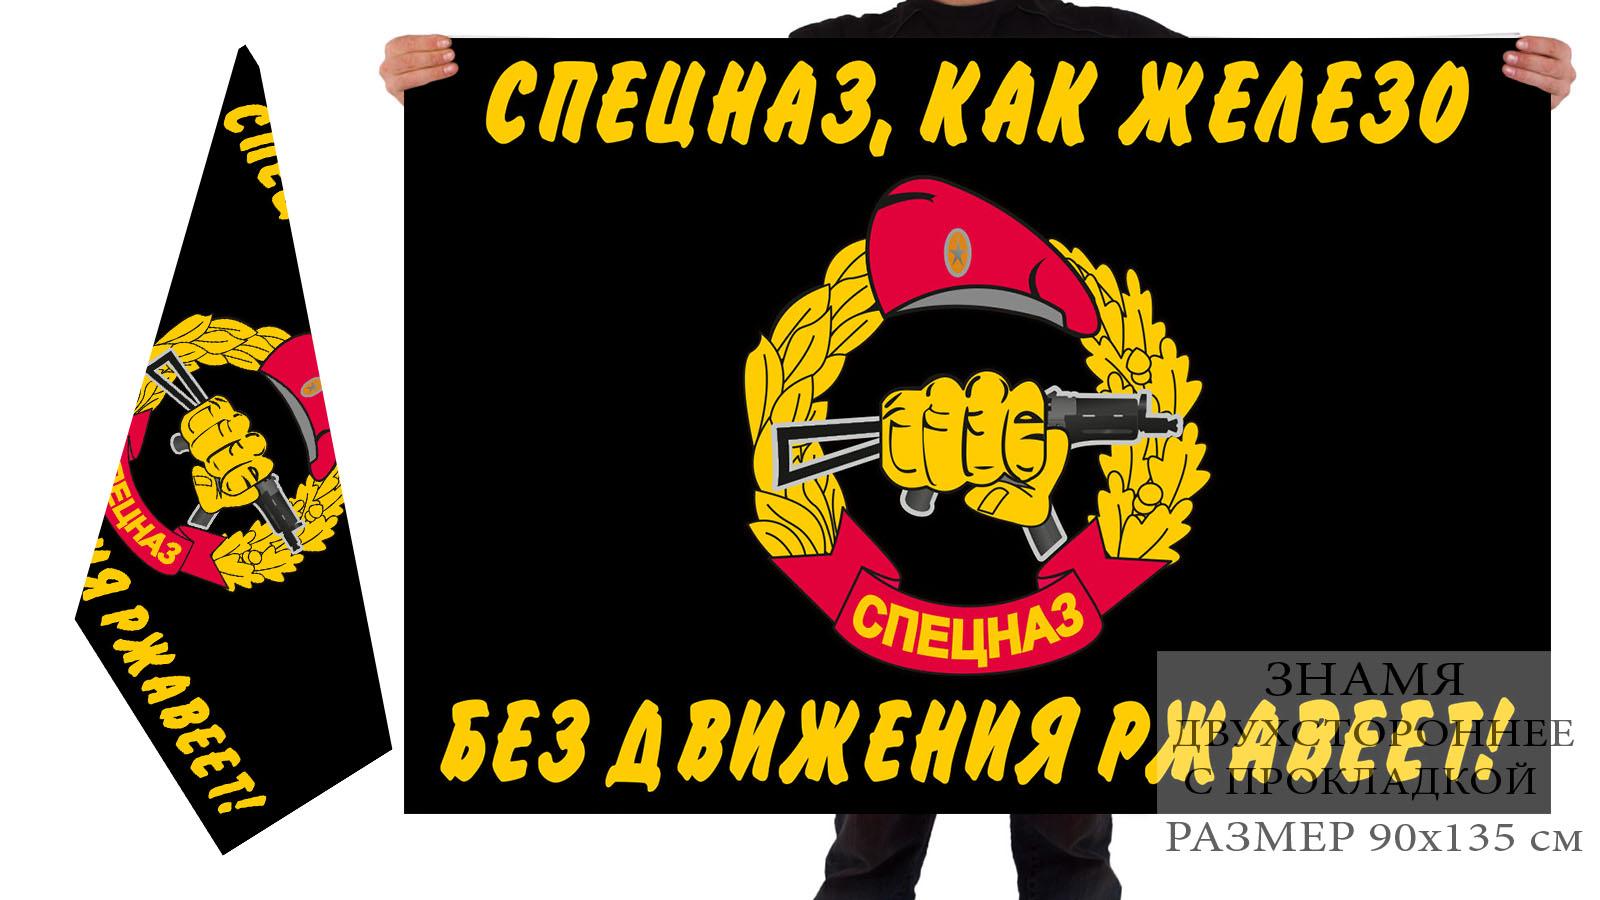 Двусторонний флаг Спецназа ВВ по цене производителя